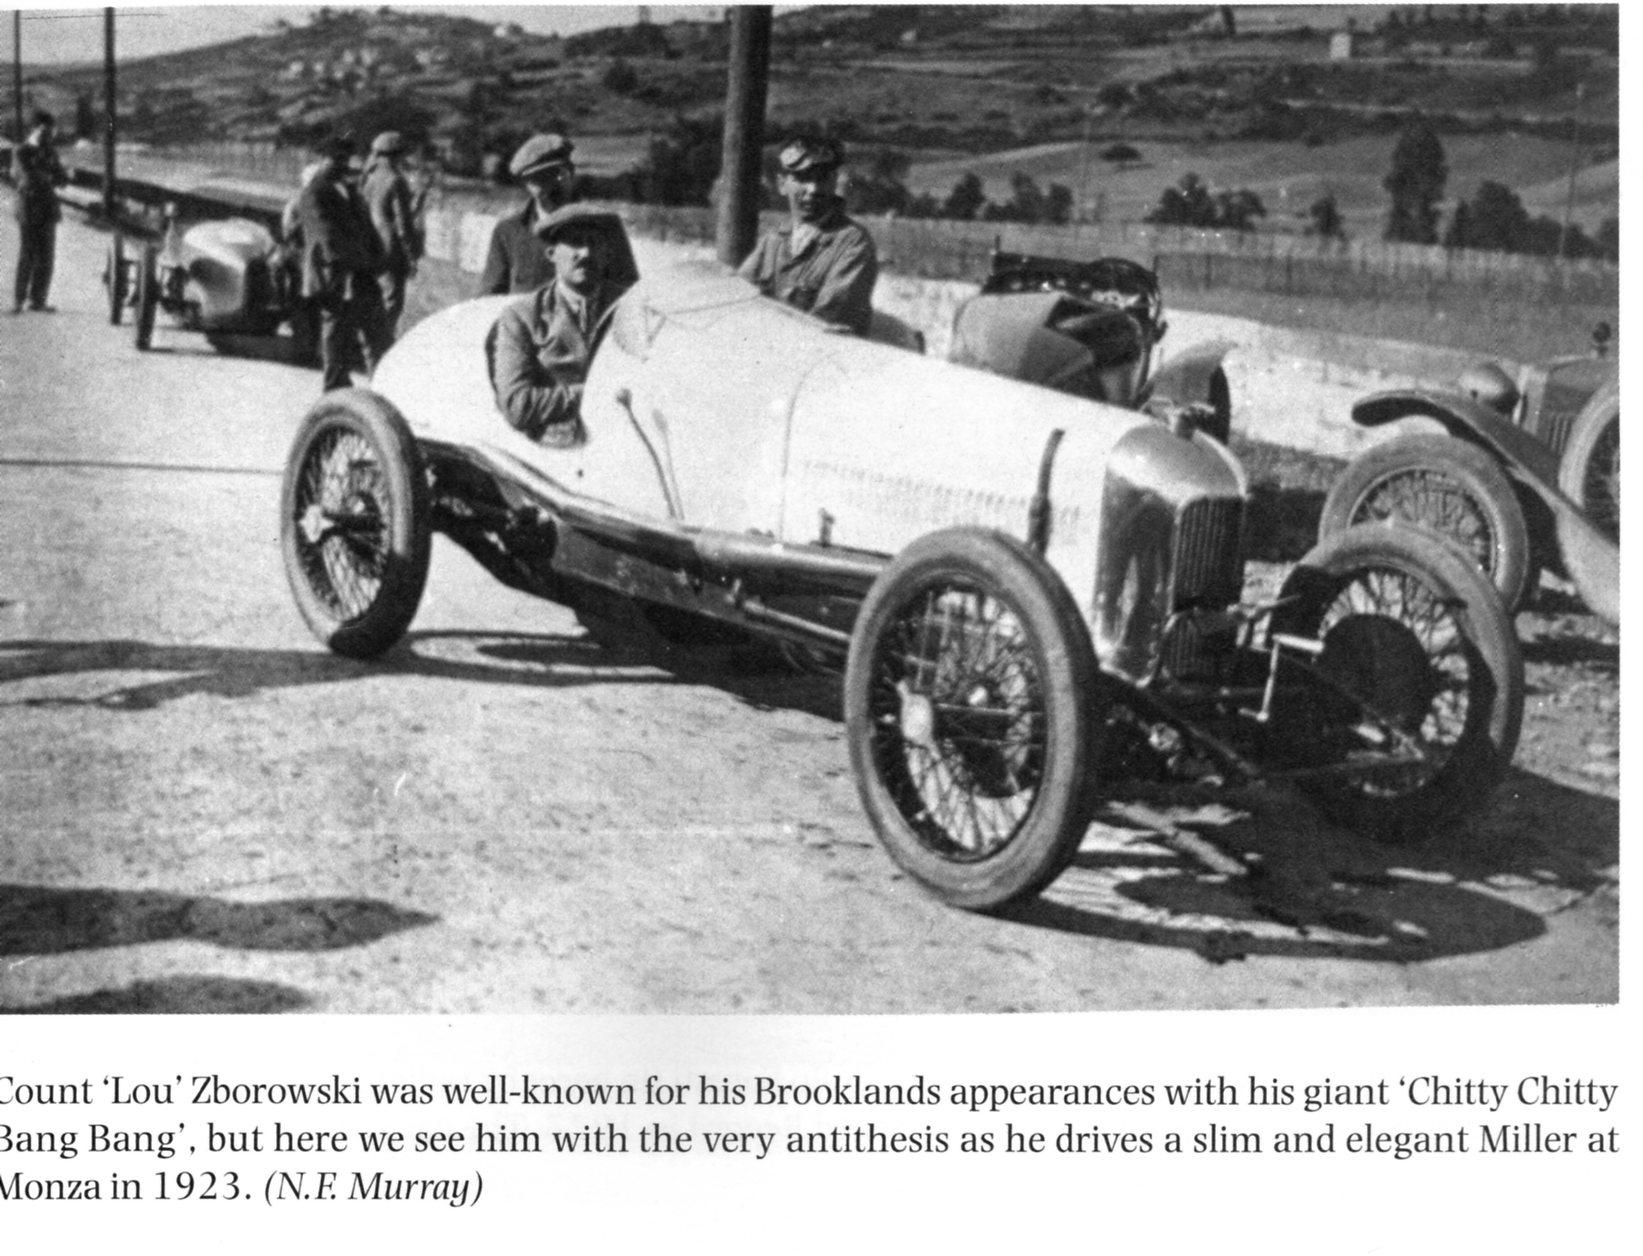 monza 1923119.jpg